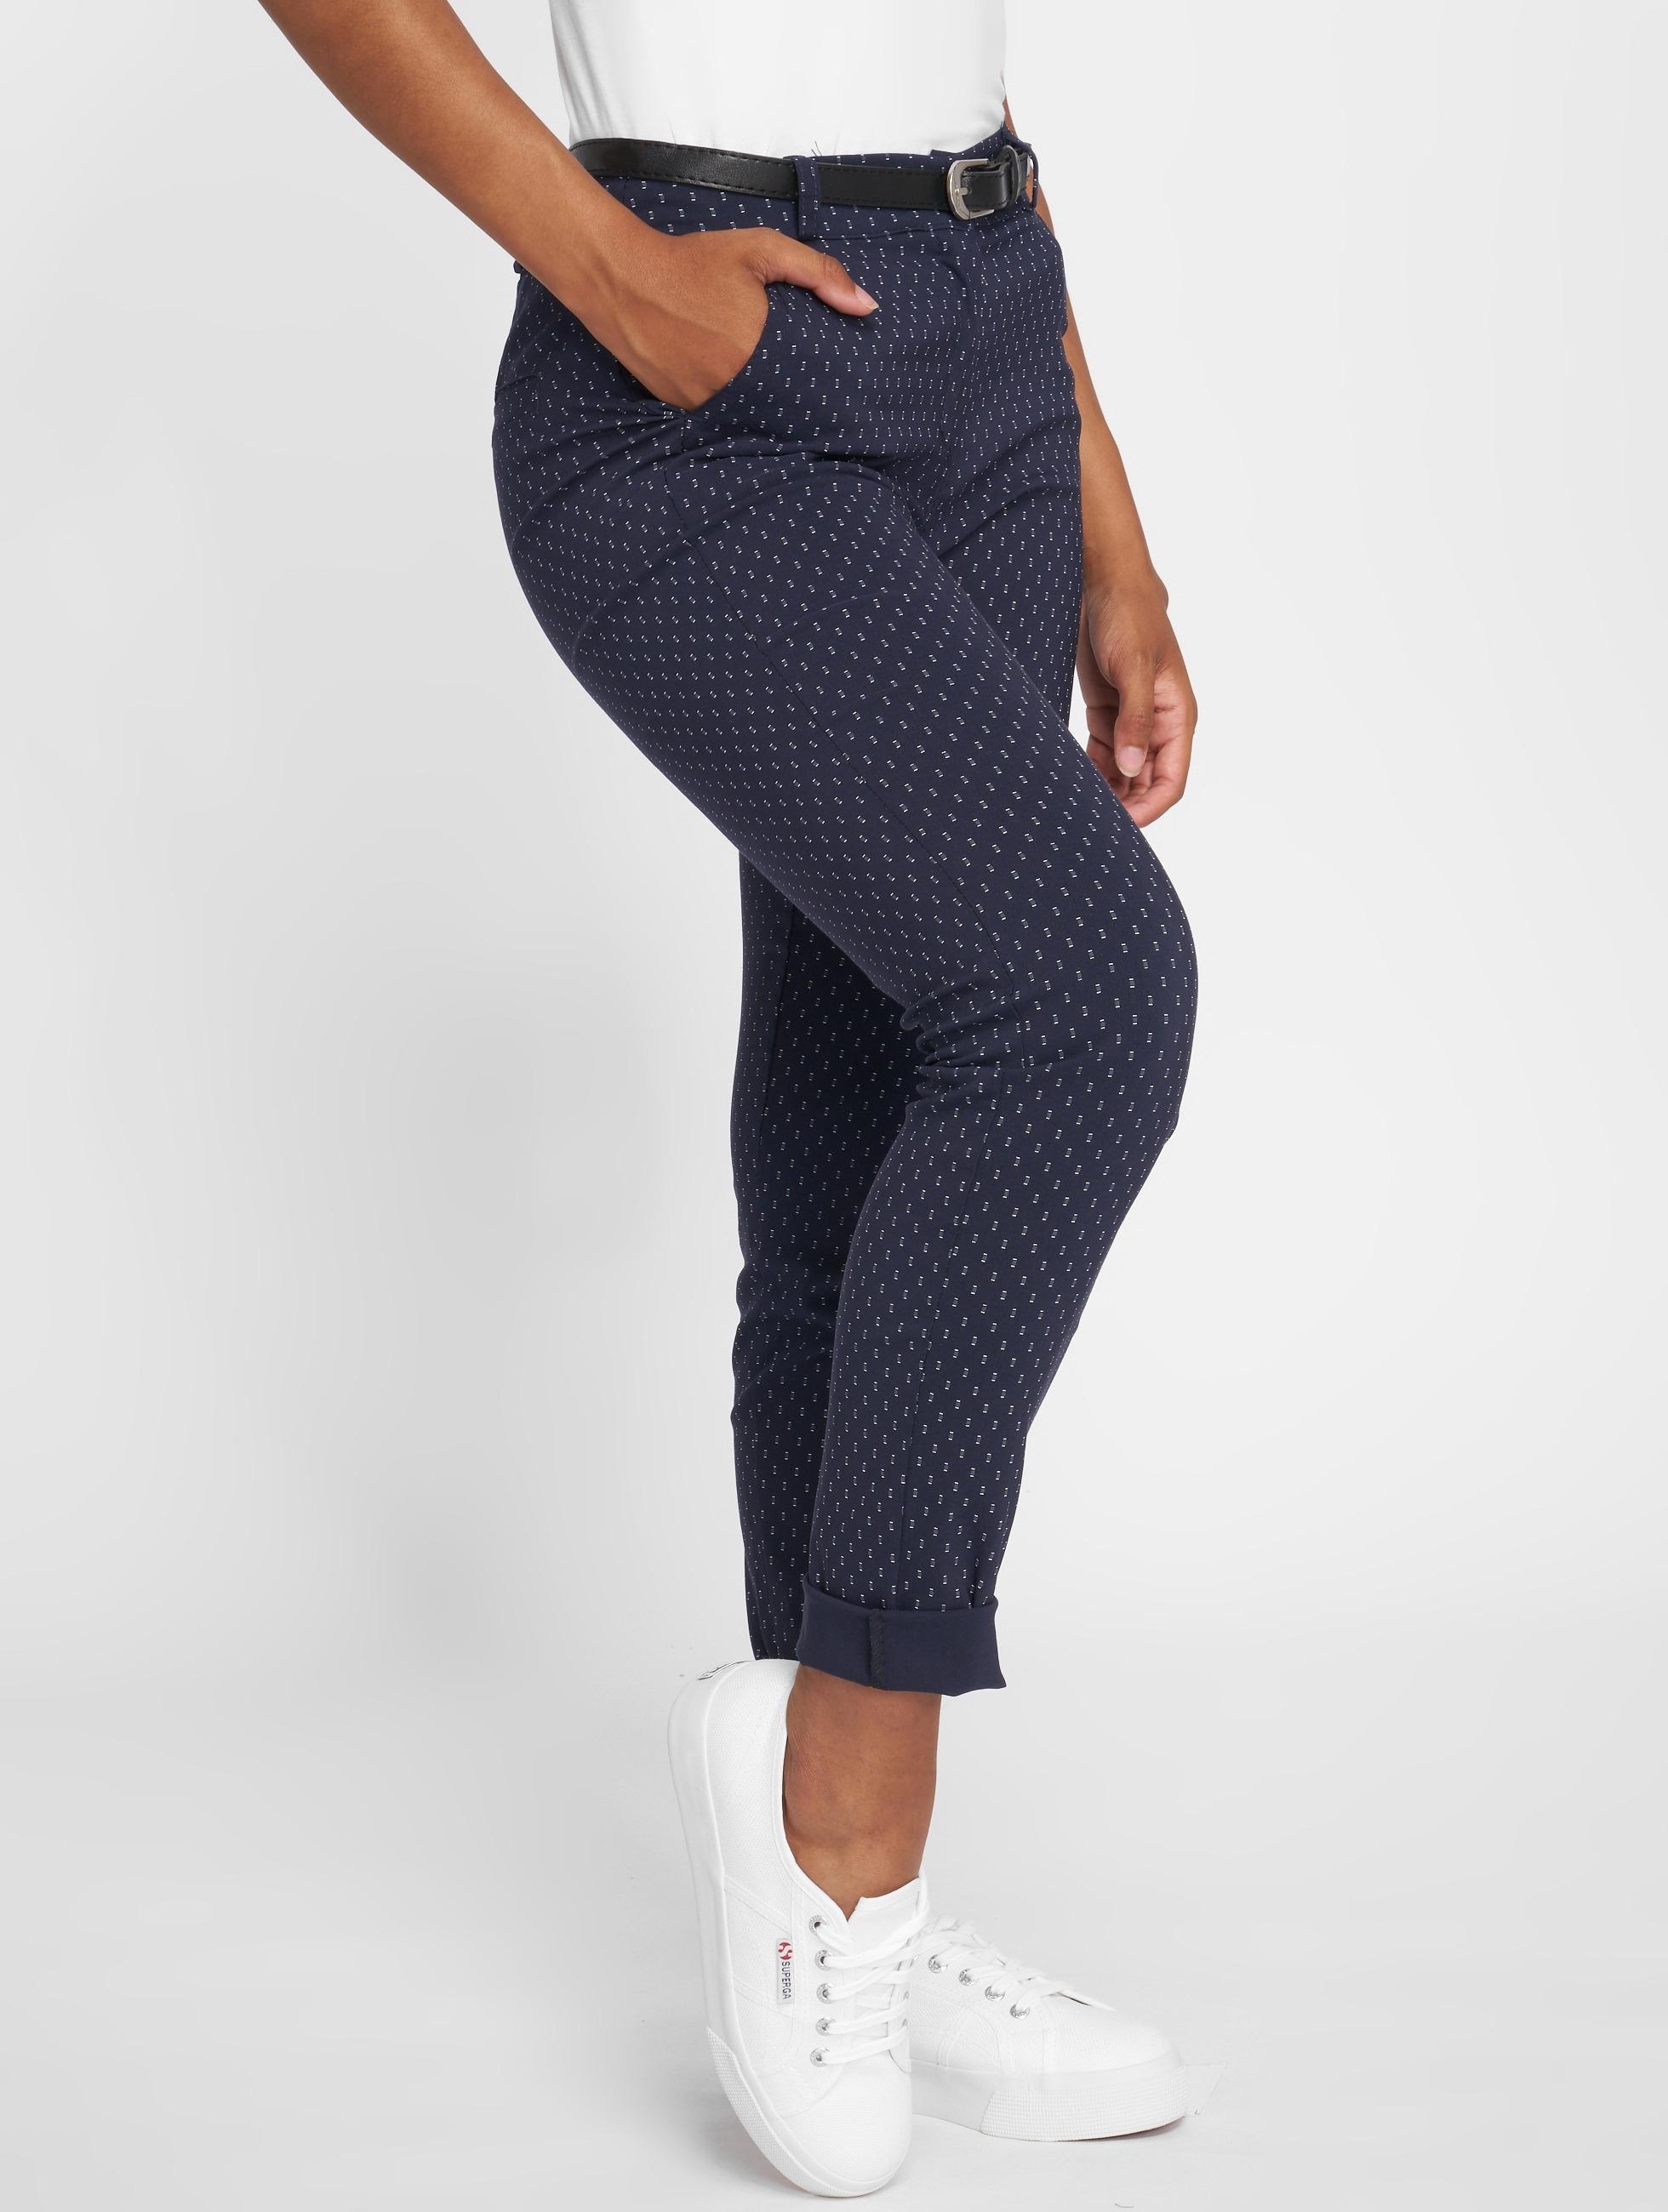 Joliko | Alleria  bleu Femme Pantalon chino